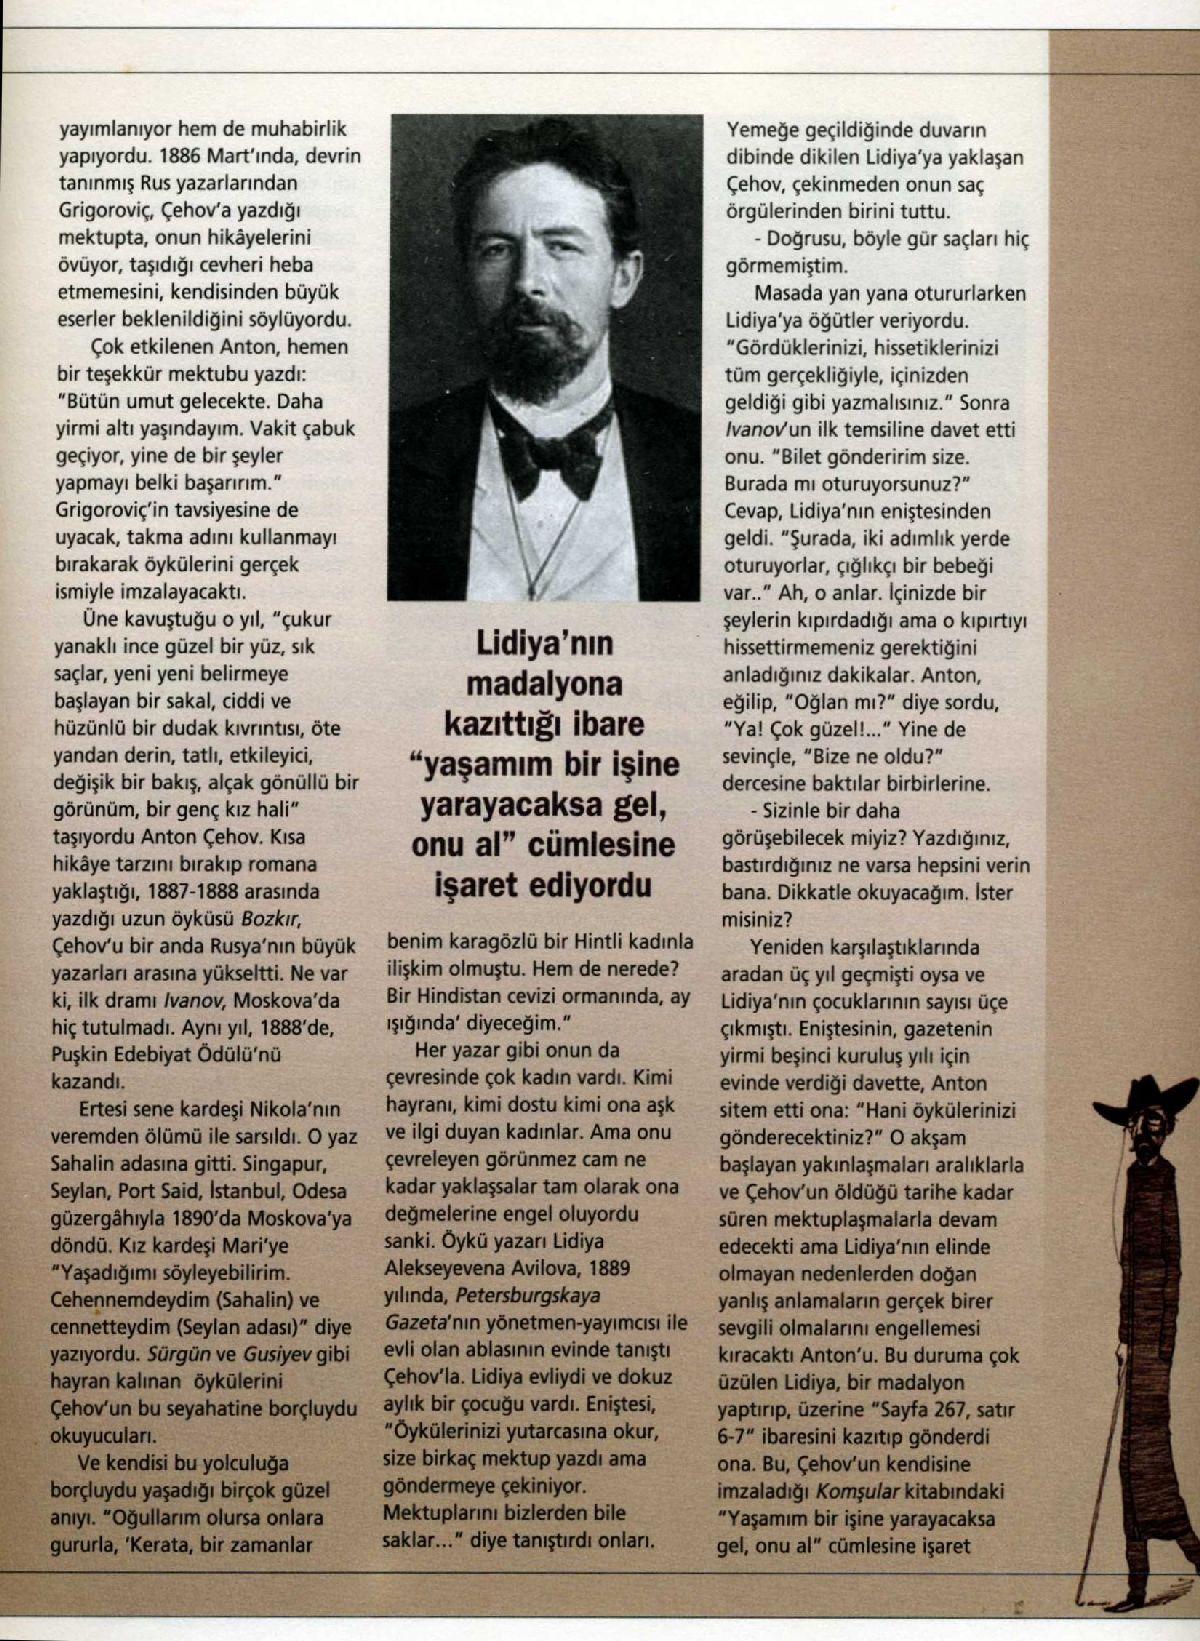 Çehov: yazarın kısa bir biyografisi